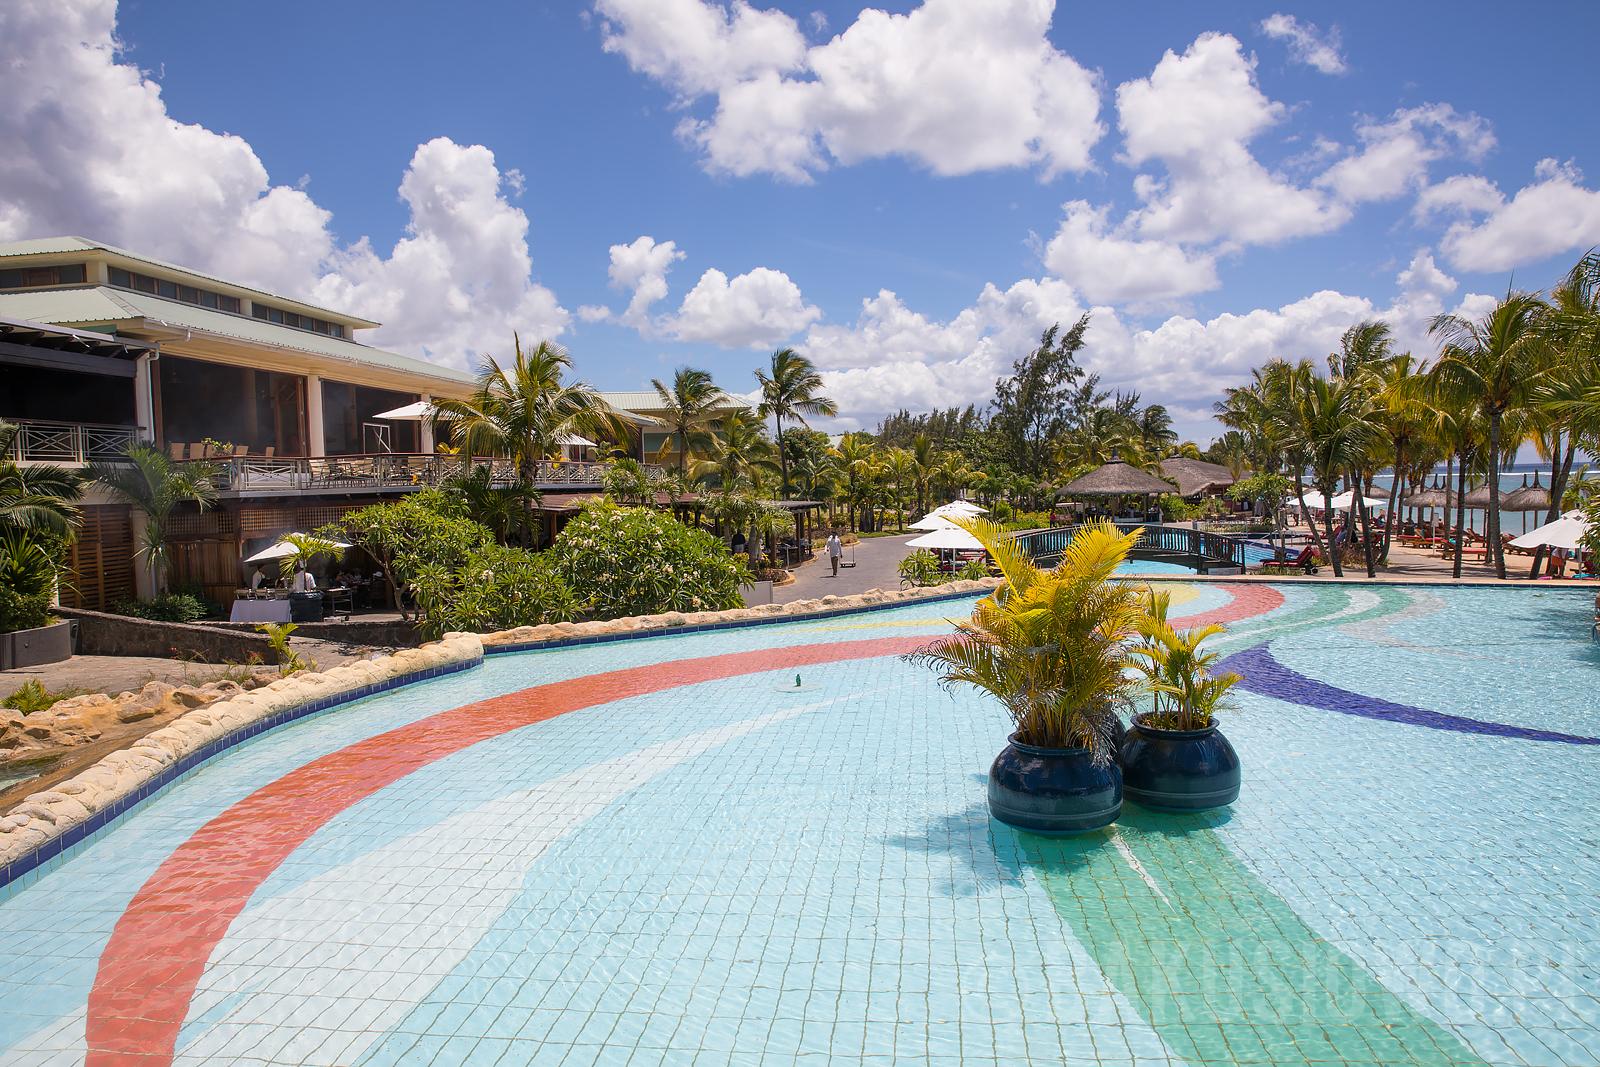 mauritius-le-meridien-photos-40